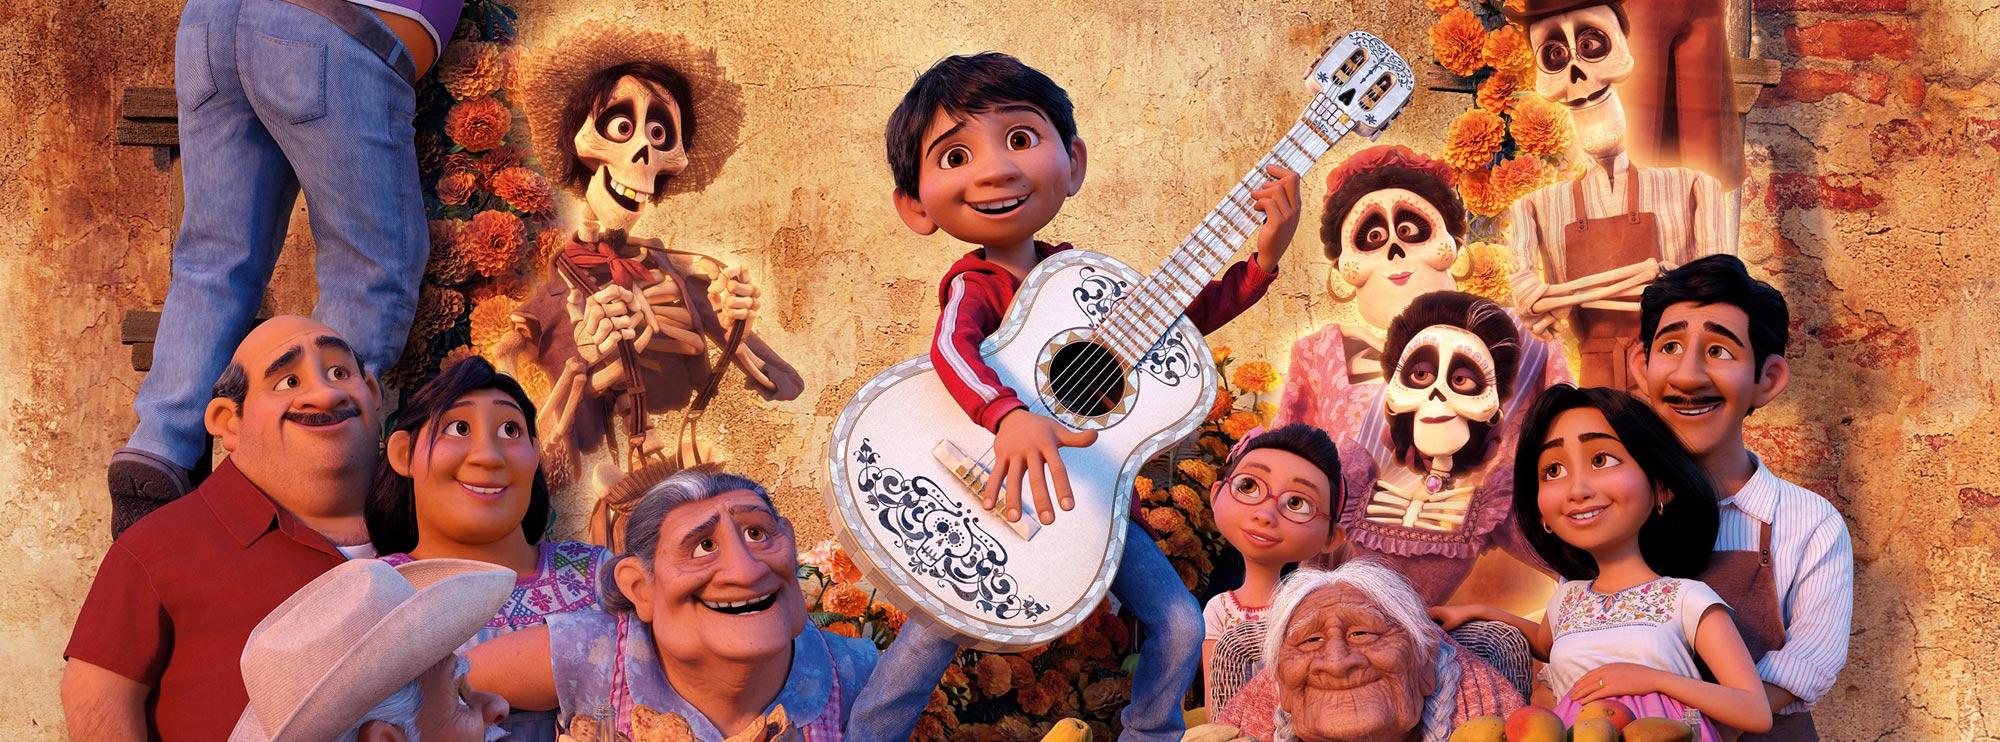 Miguel Coco Para Colorear: Coco Disney Dibujos Para Colorear